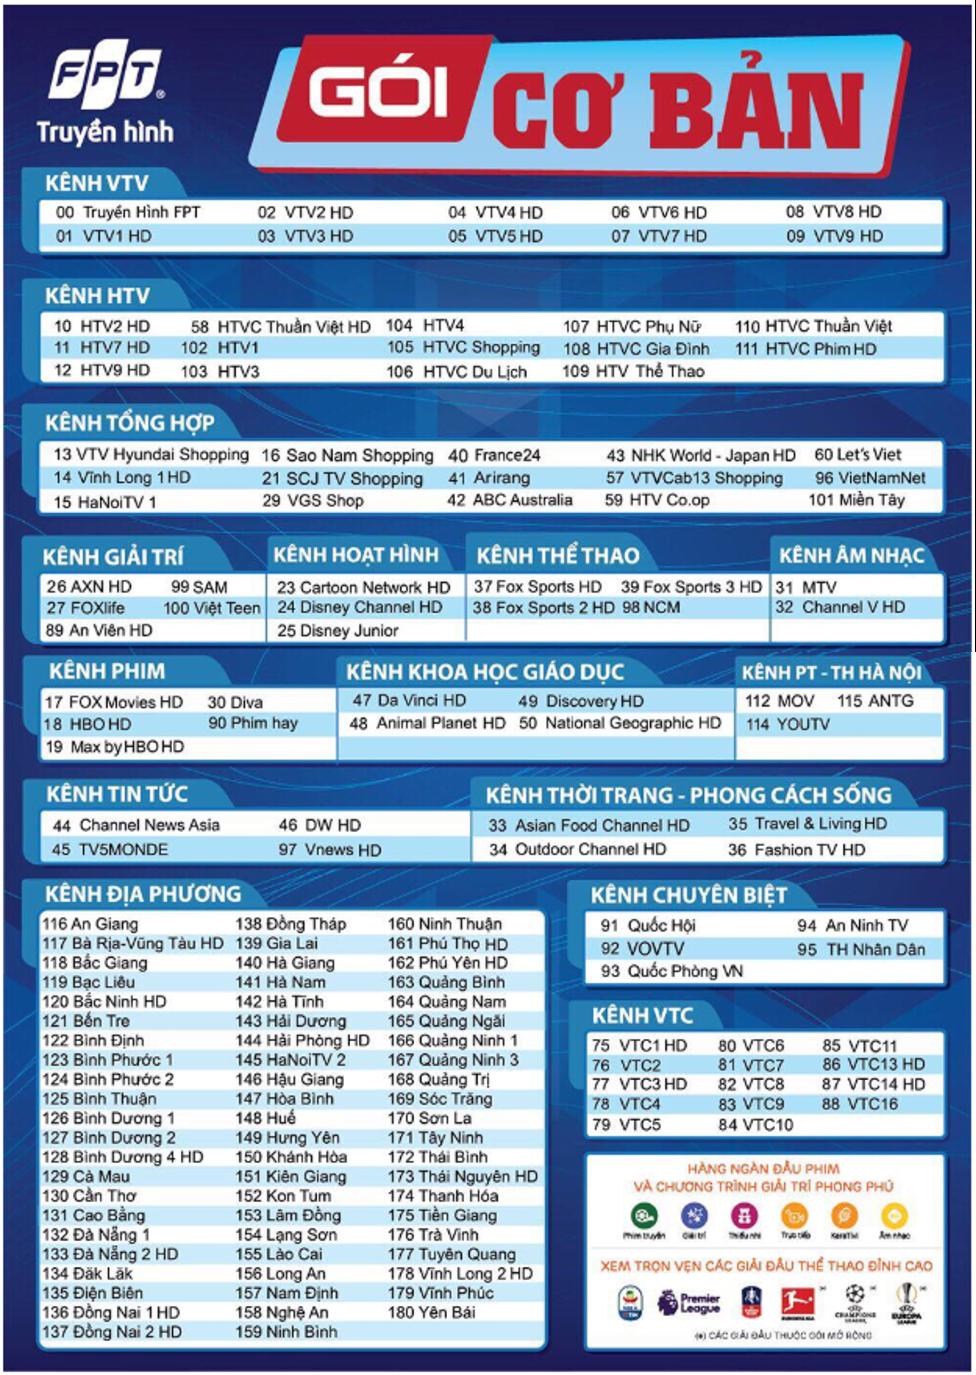 Danh sách các kênh truyền hình FPT